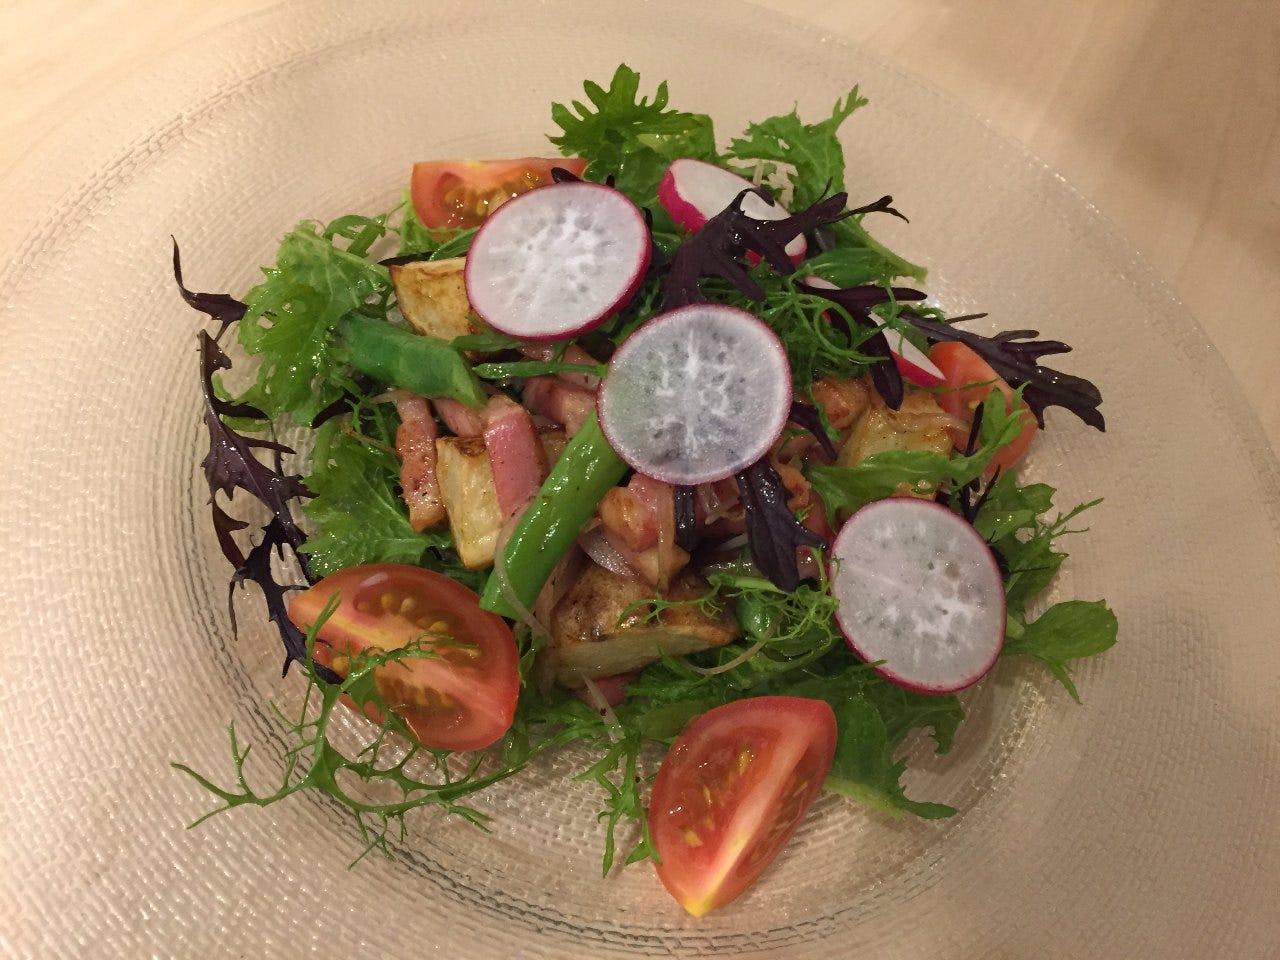 鎌倉野菜や三浦、湘南のこだわり食材を使用しております